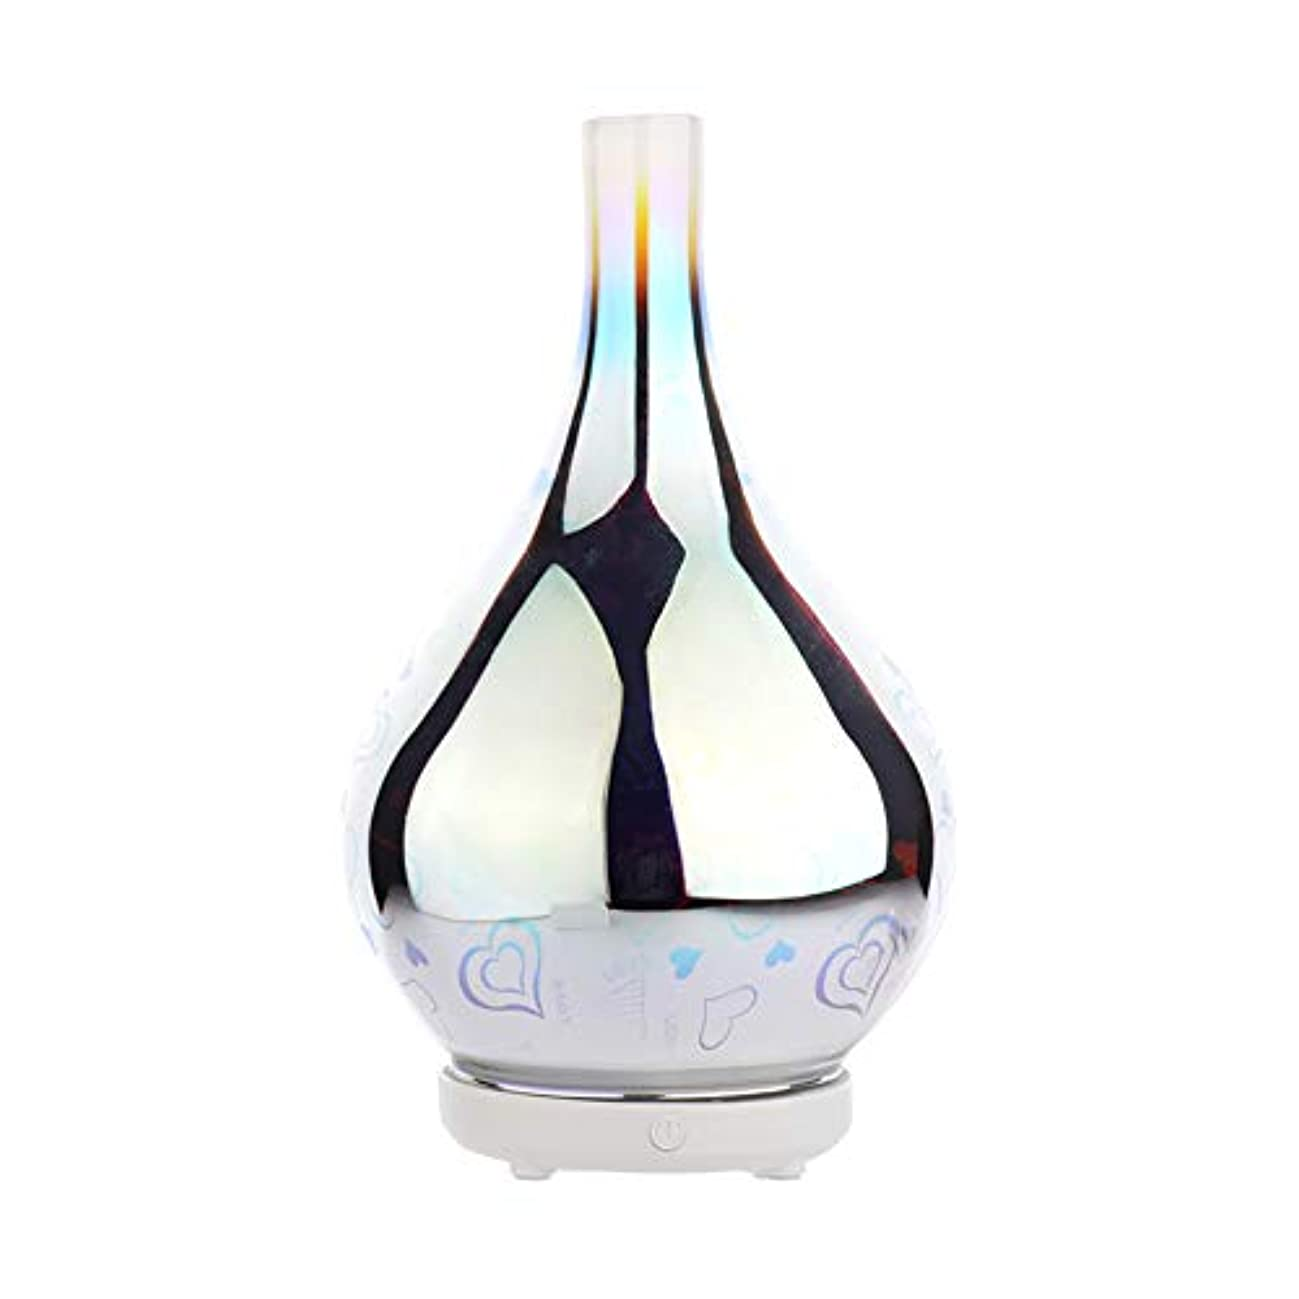 社交的ペストリーオーバードローDC 二色 3Dガラス夜ライトアロマテラピーマシン 精油の拡散器 香りのアロマセラピー アロマセラピーディフューザー